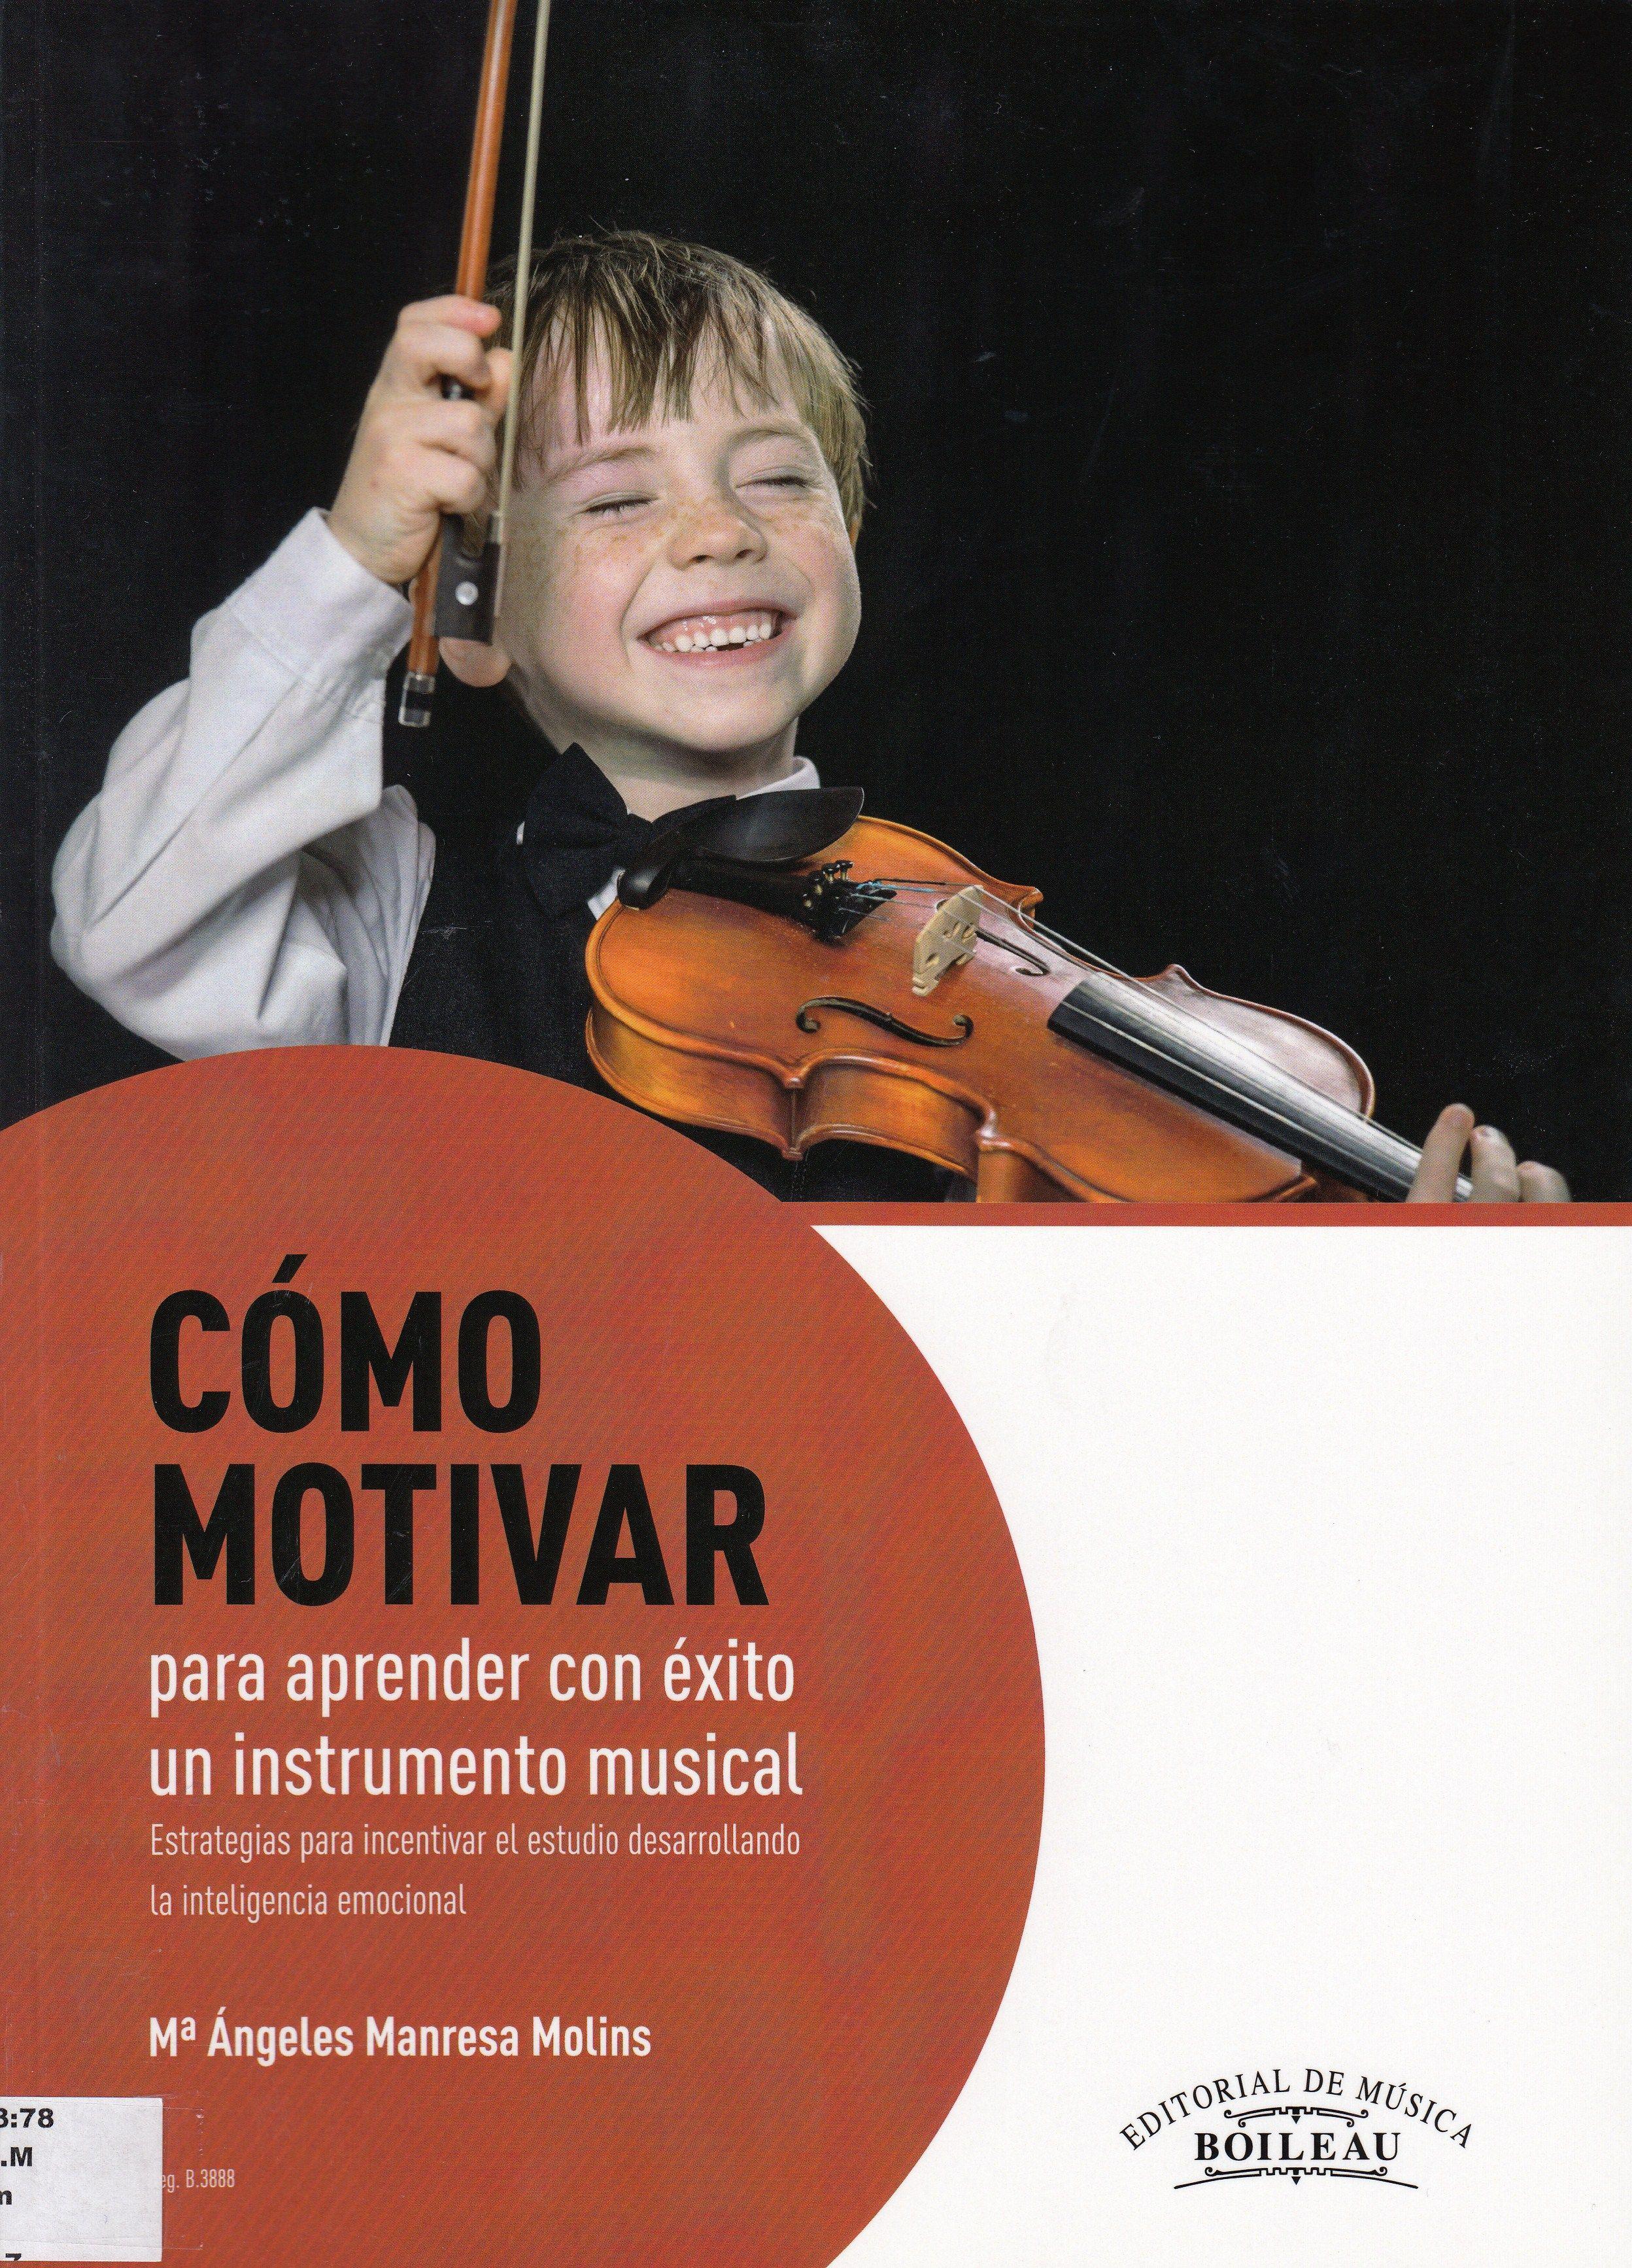 Cómo motivar para aprender con éxito un instrumento